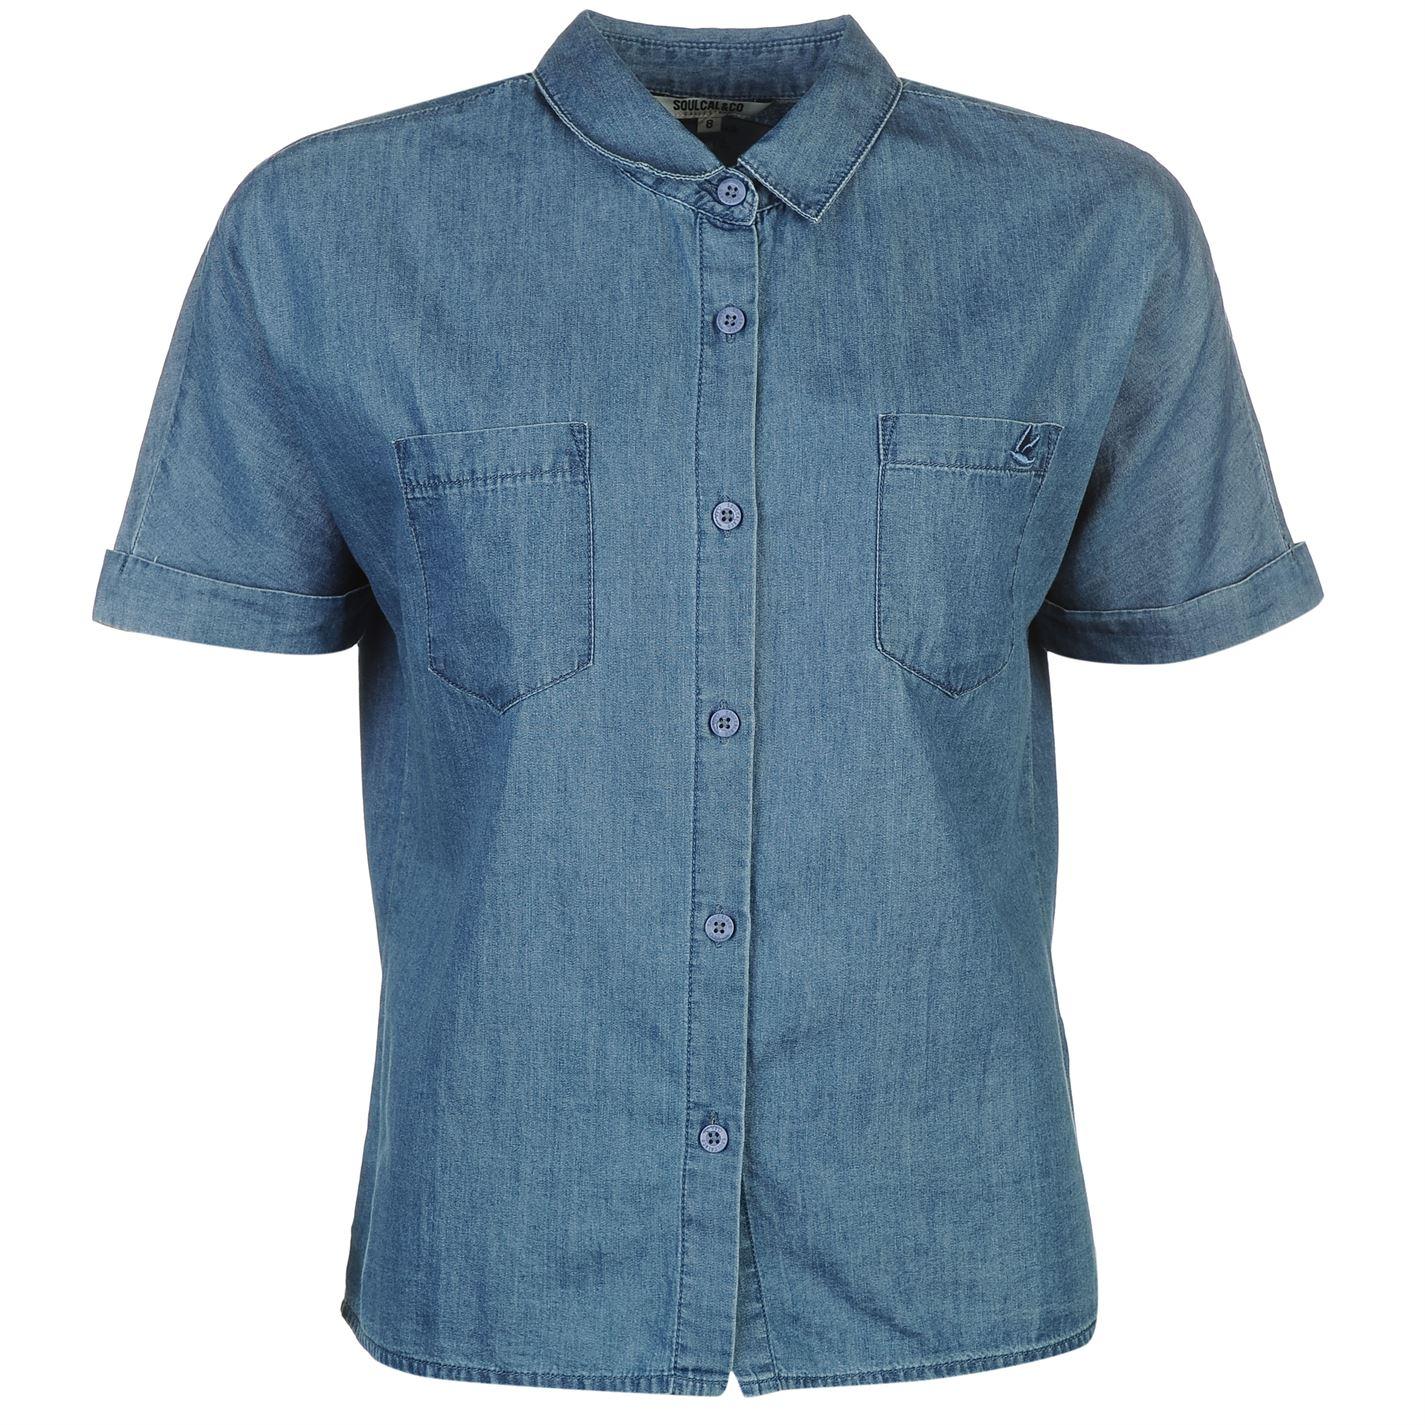 SoulCal Boxy Shirt Ladies